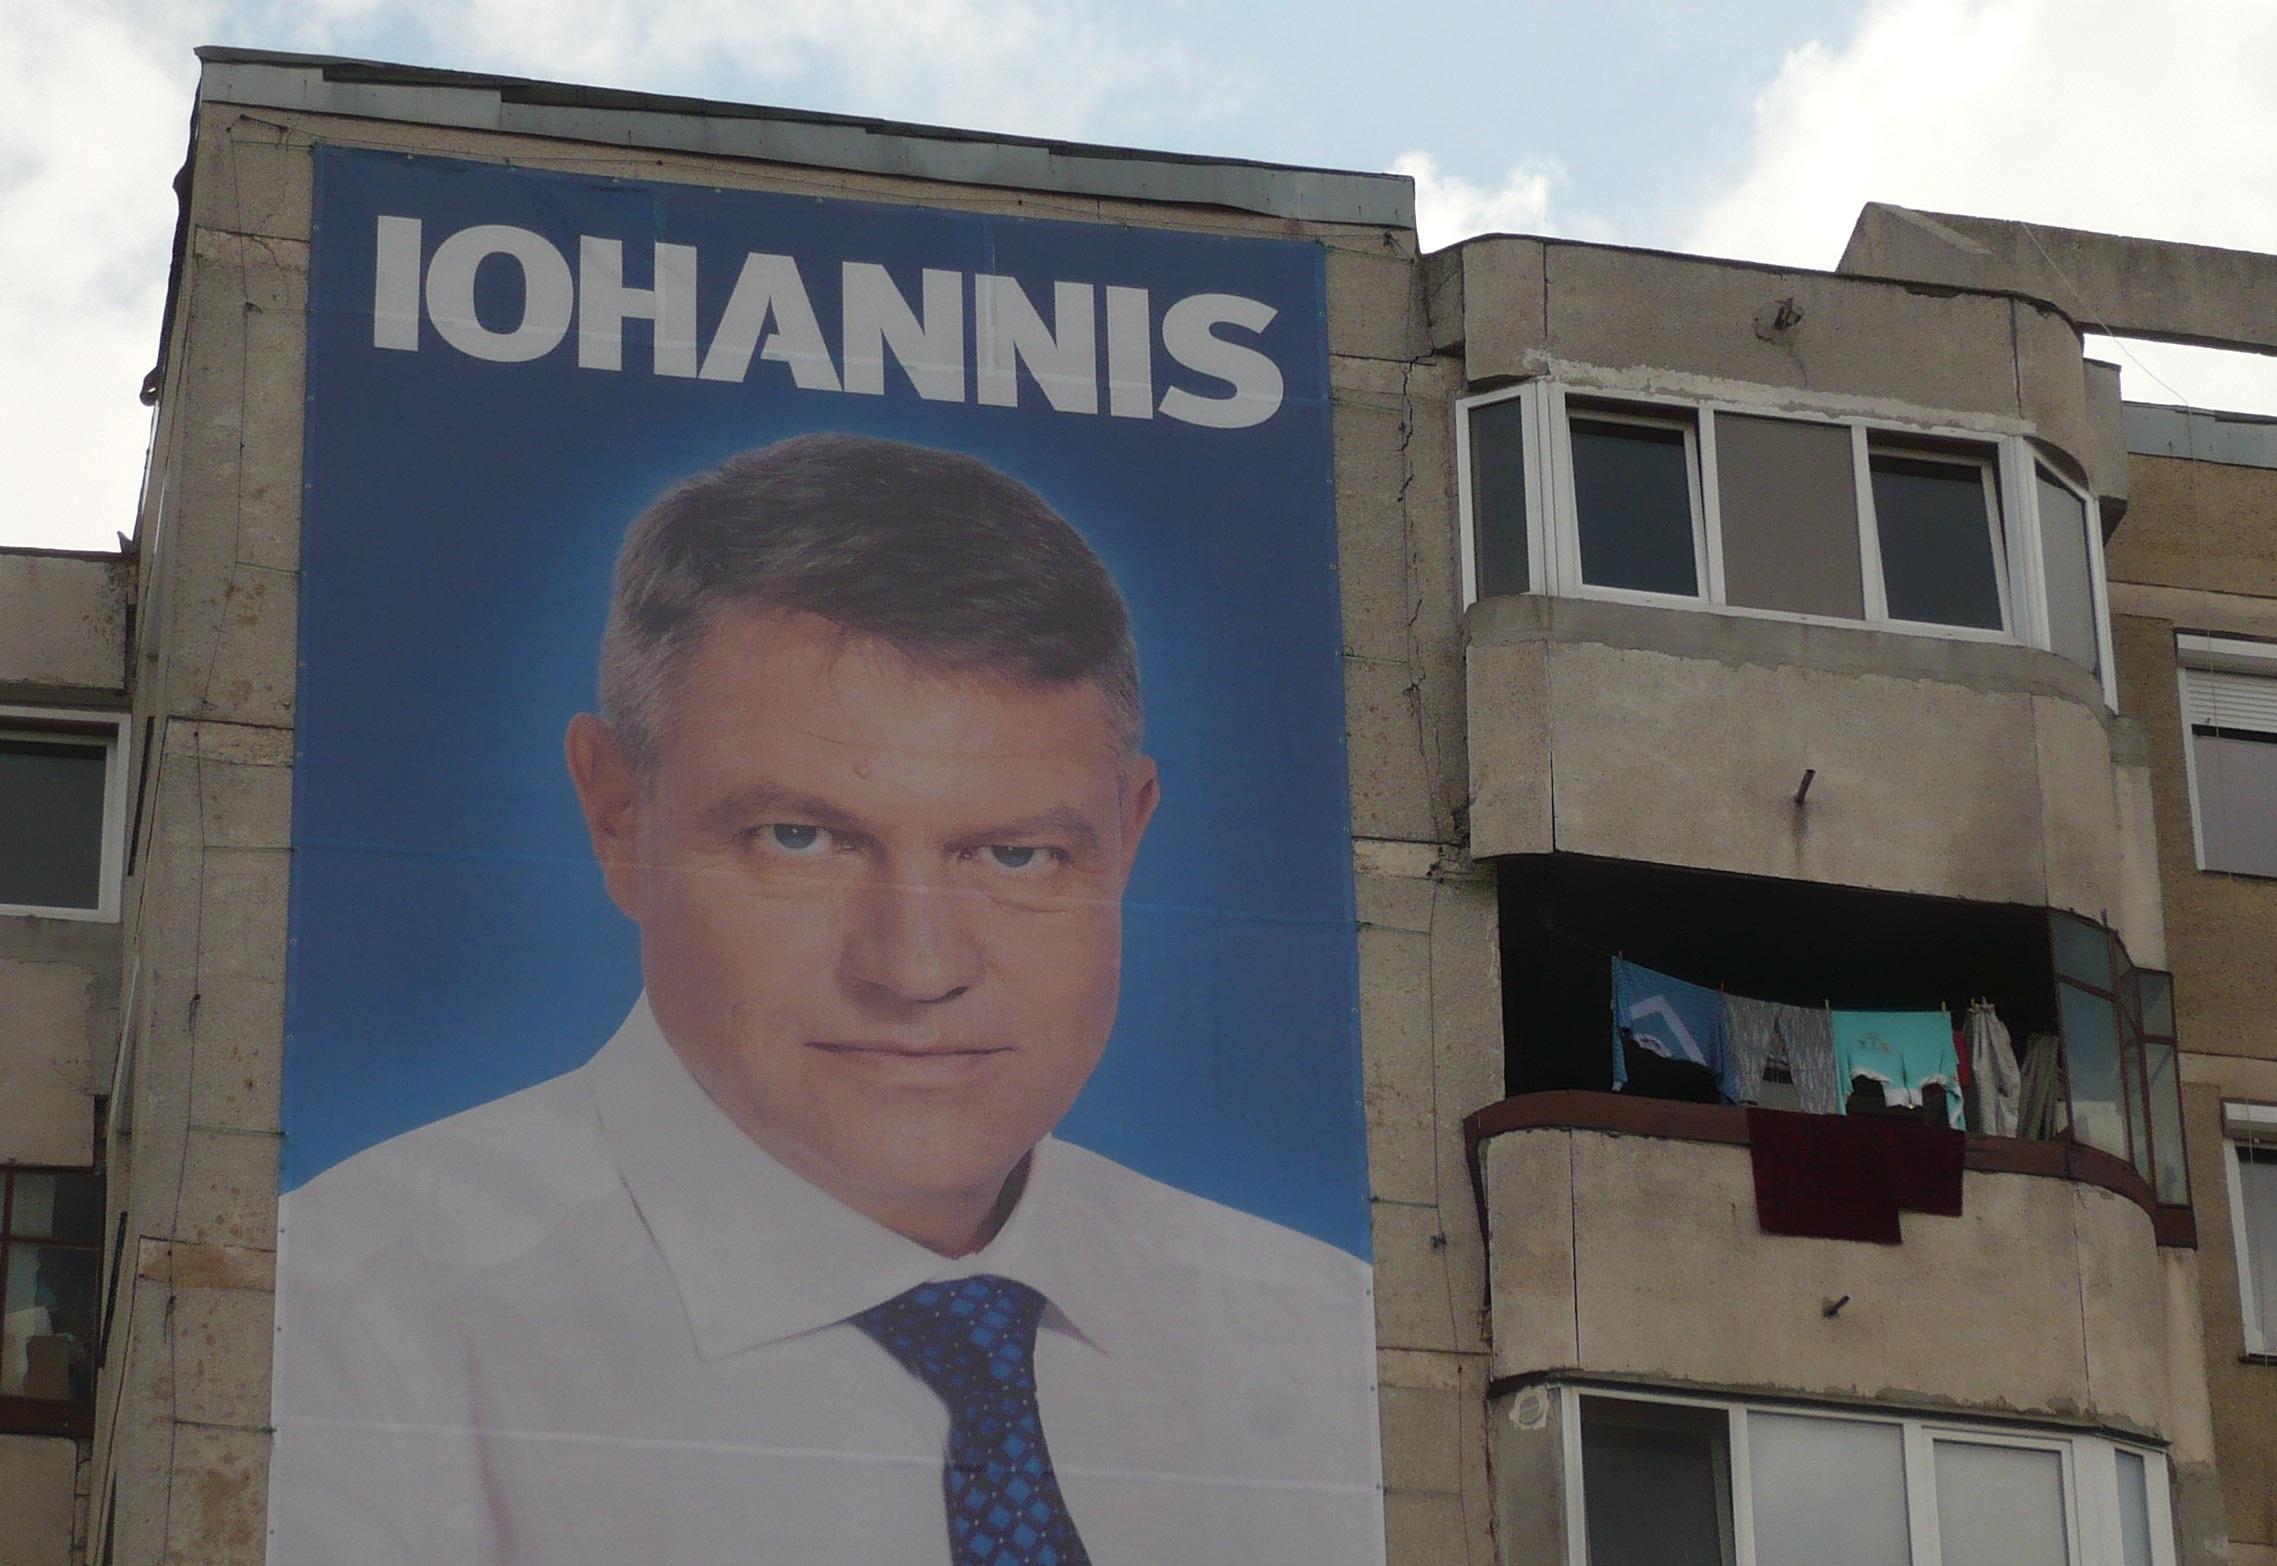 Még mindig Iohannis: nem a kiteregetett szennyessel, hanem egyenesen valami mosott rongyokkal. Nesze: változás.